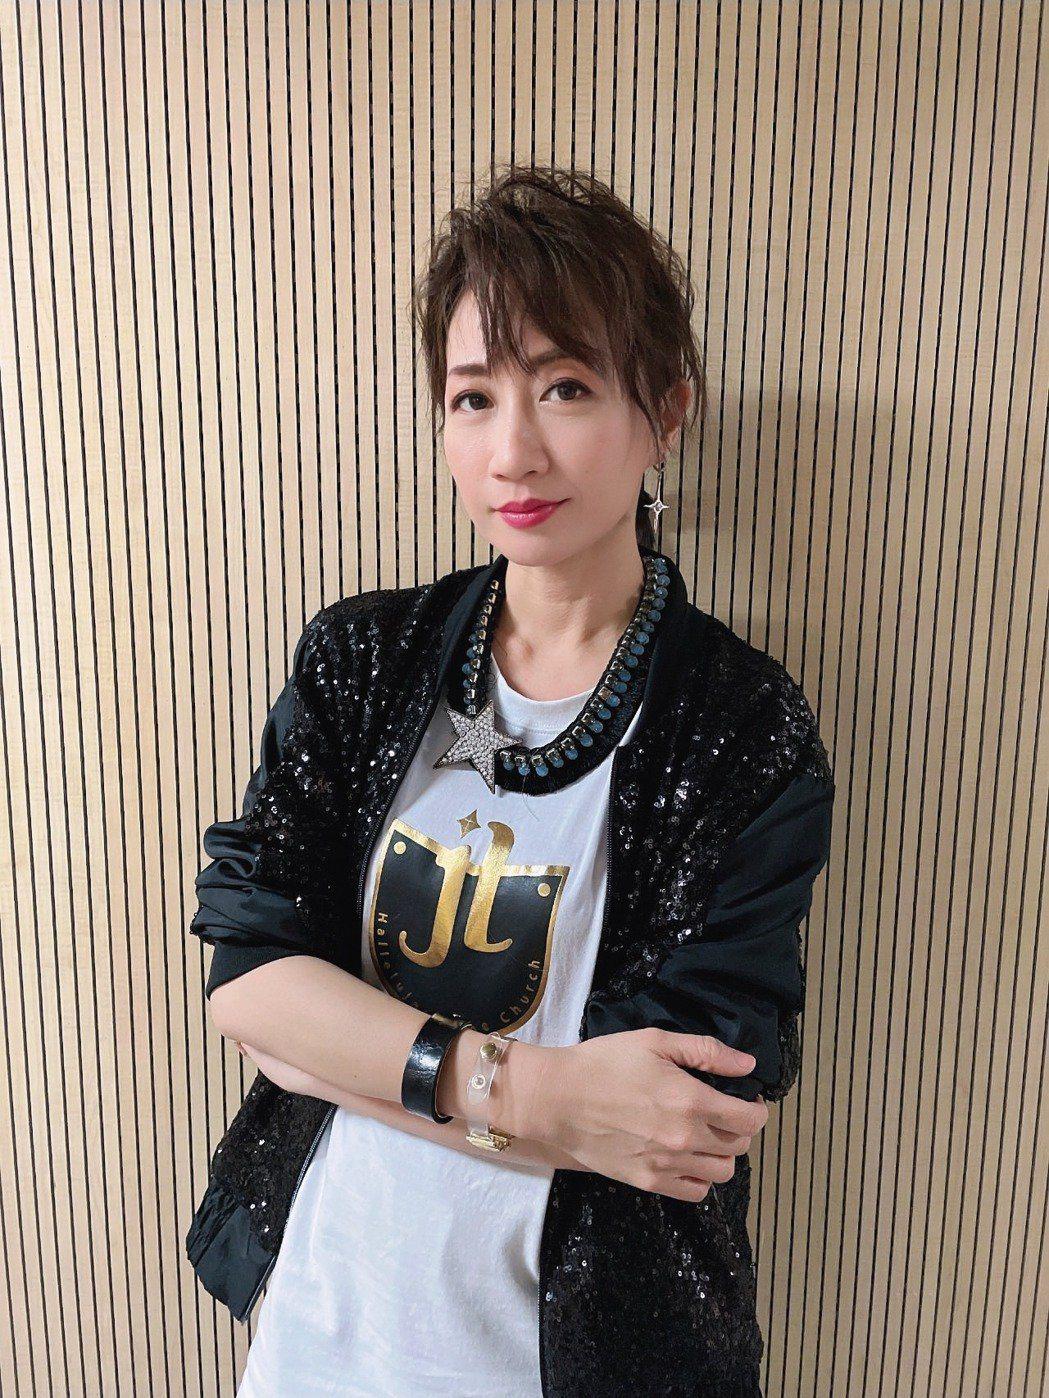 曾入圍金鐘獎的女星潘奕如申請紓困3萬元入帳。圖/亞凰國際娛樂提供